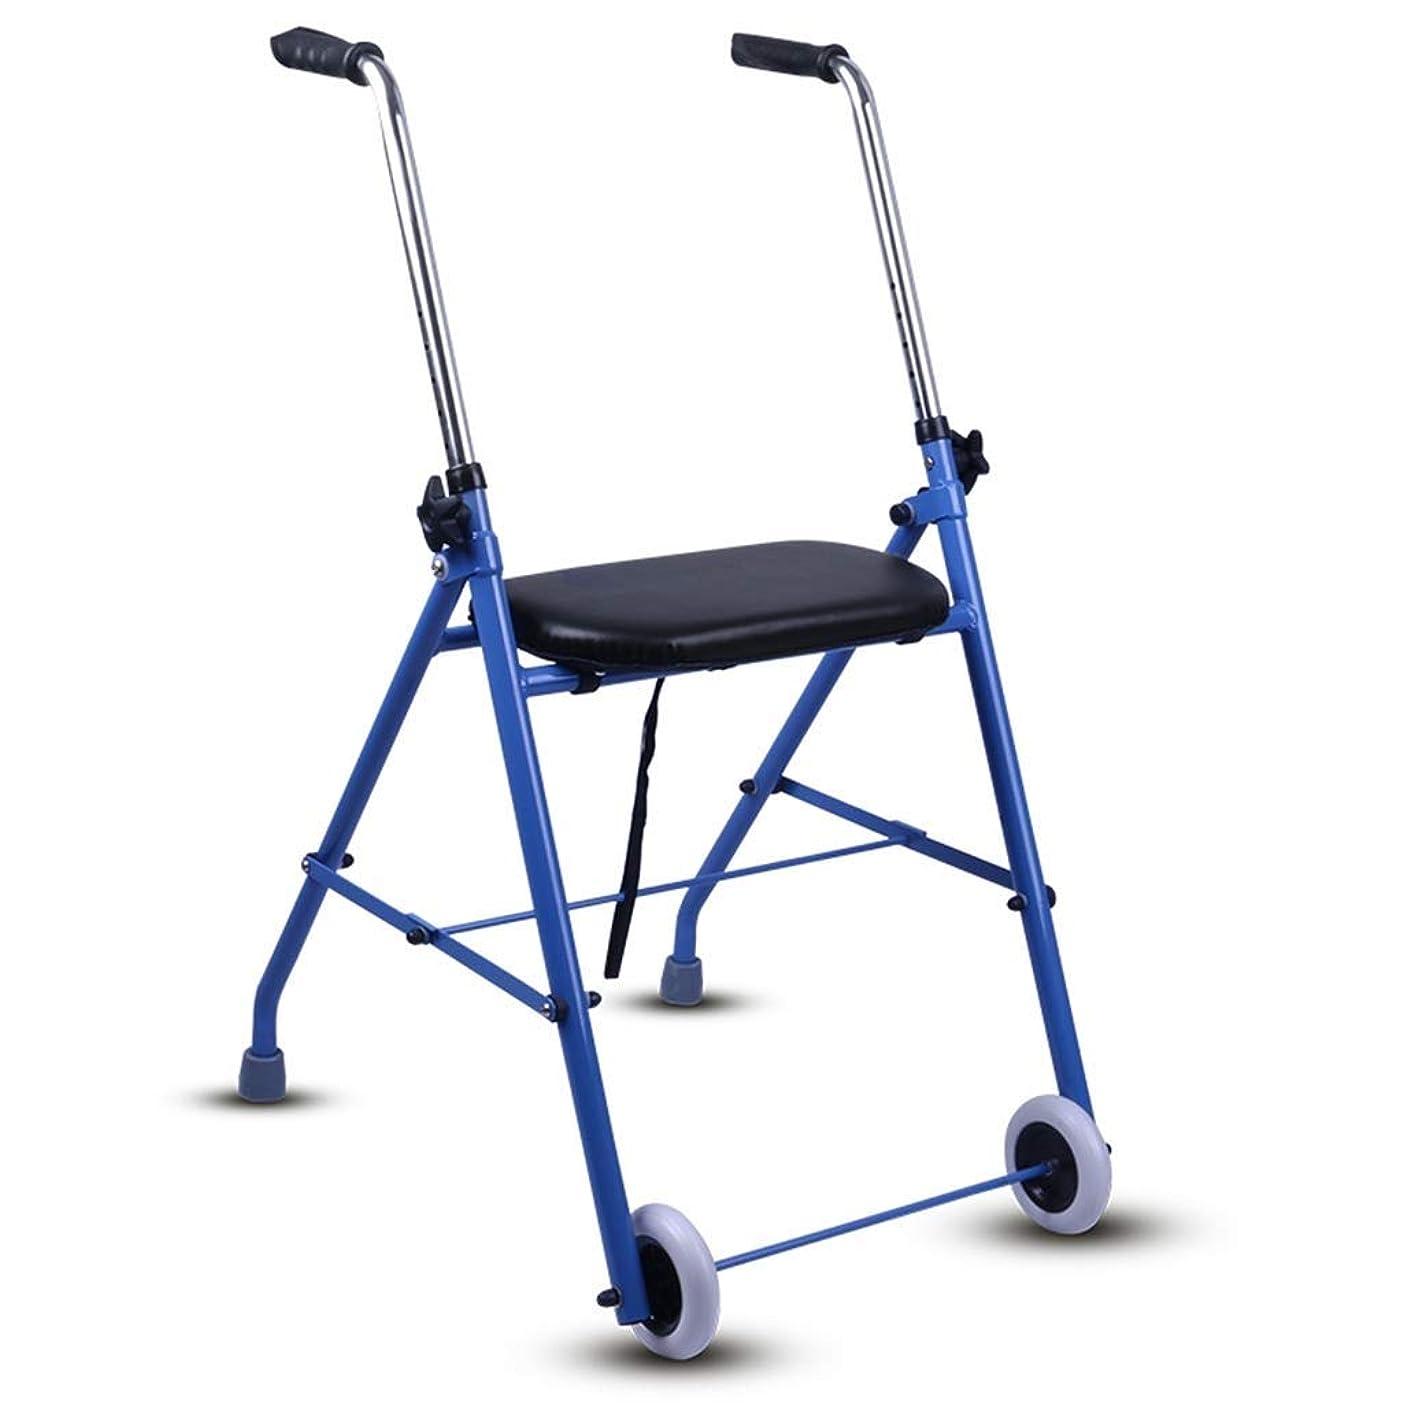 最小化する楽しませる規範パッド入りシート、高さ調節可能ハンドル、背部サポート付き高齢者向け折りたたみ補助歩行器付き軽量アルミ製歩行器